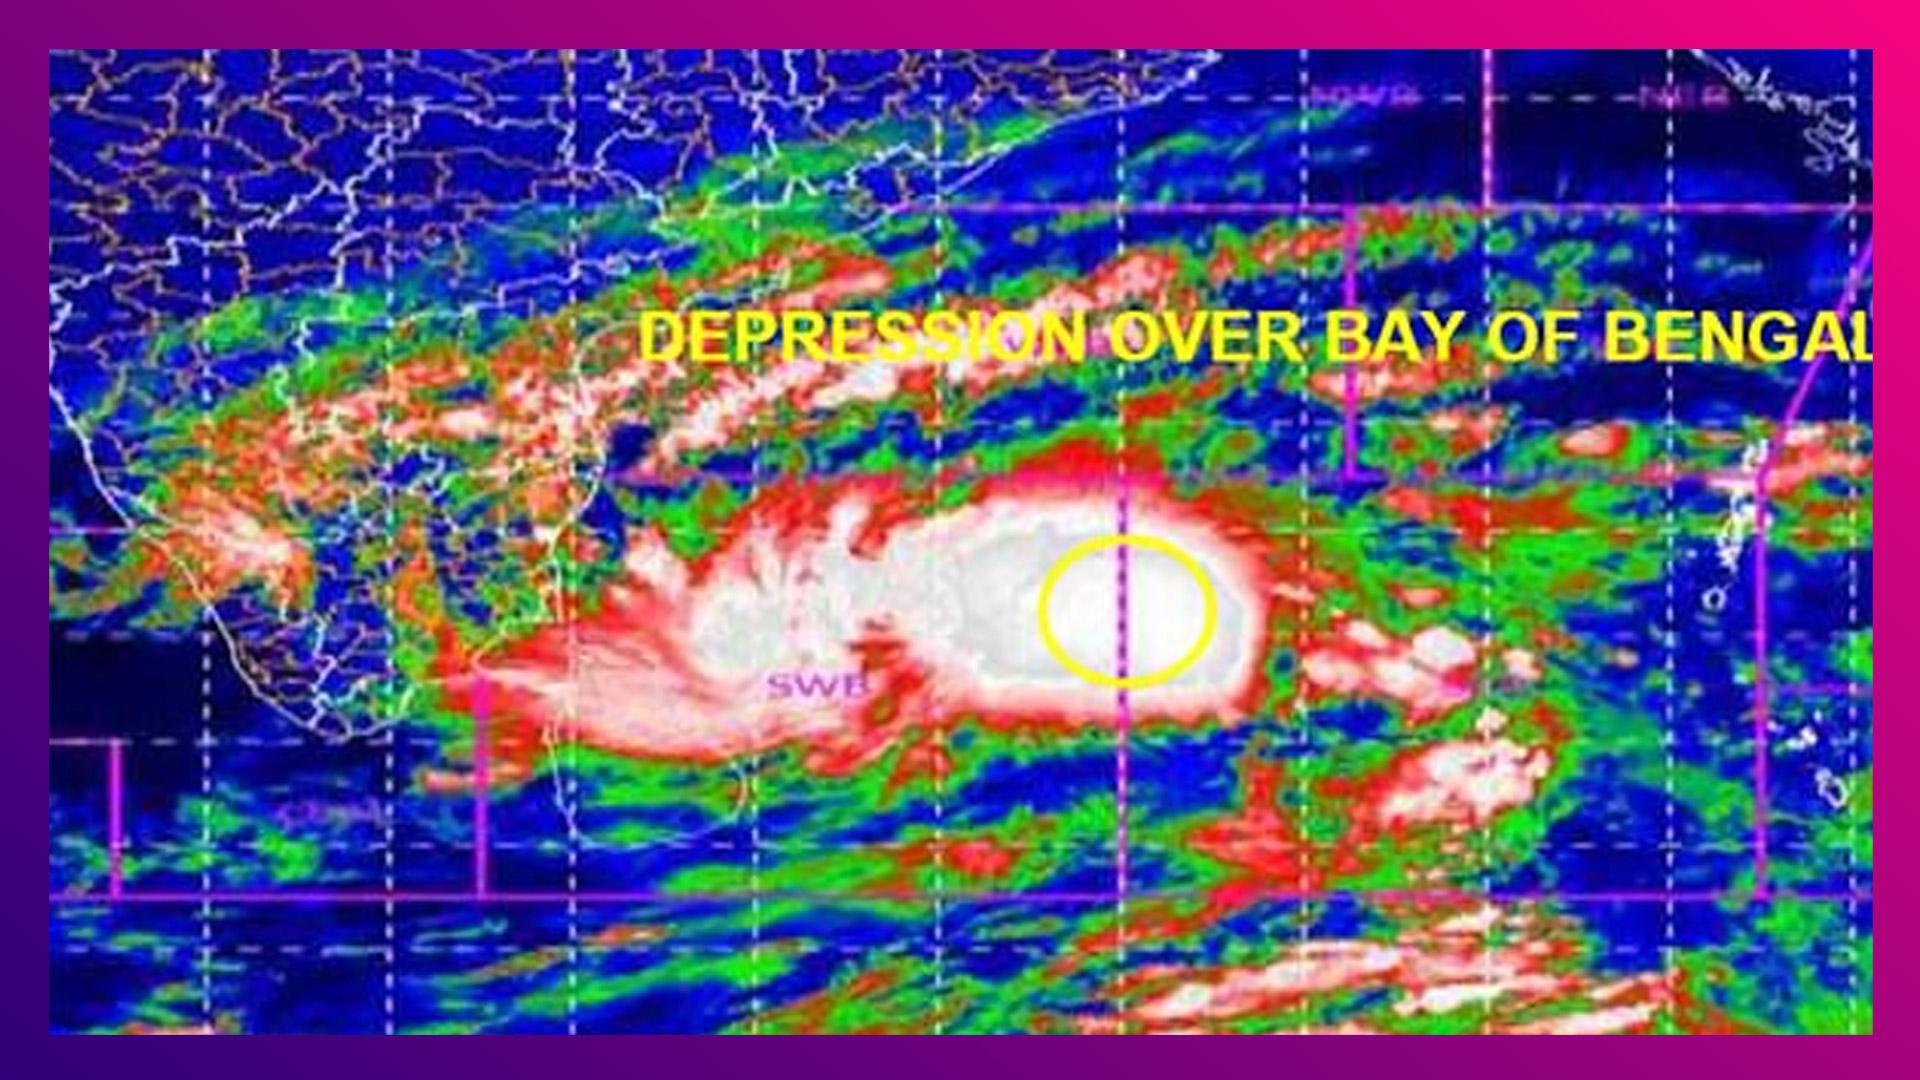 Cyclone Nivar: ধেয়ে আসছে সাইক্লোন 'নিভার'; পুদুচেরিতে জারি ১৪৪ ধারা, লাল সতর্কতা তামিলনাড়ুতে